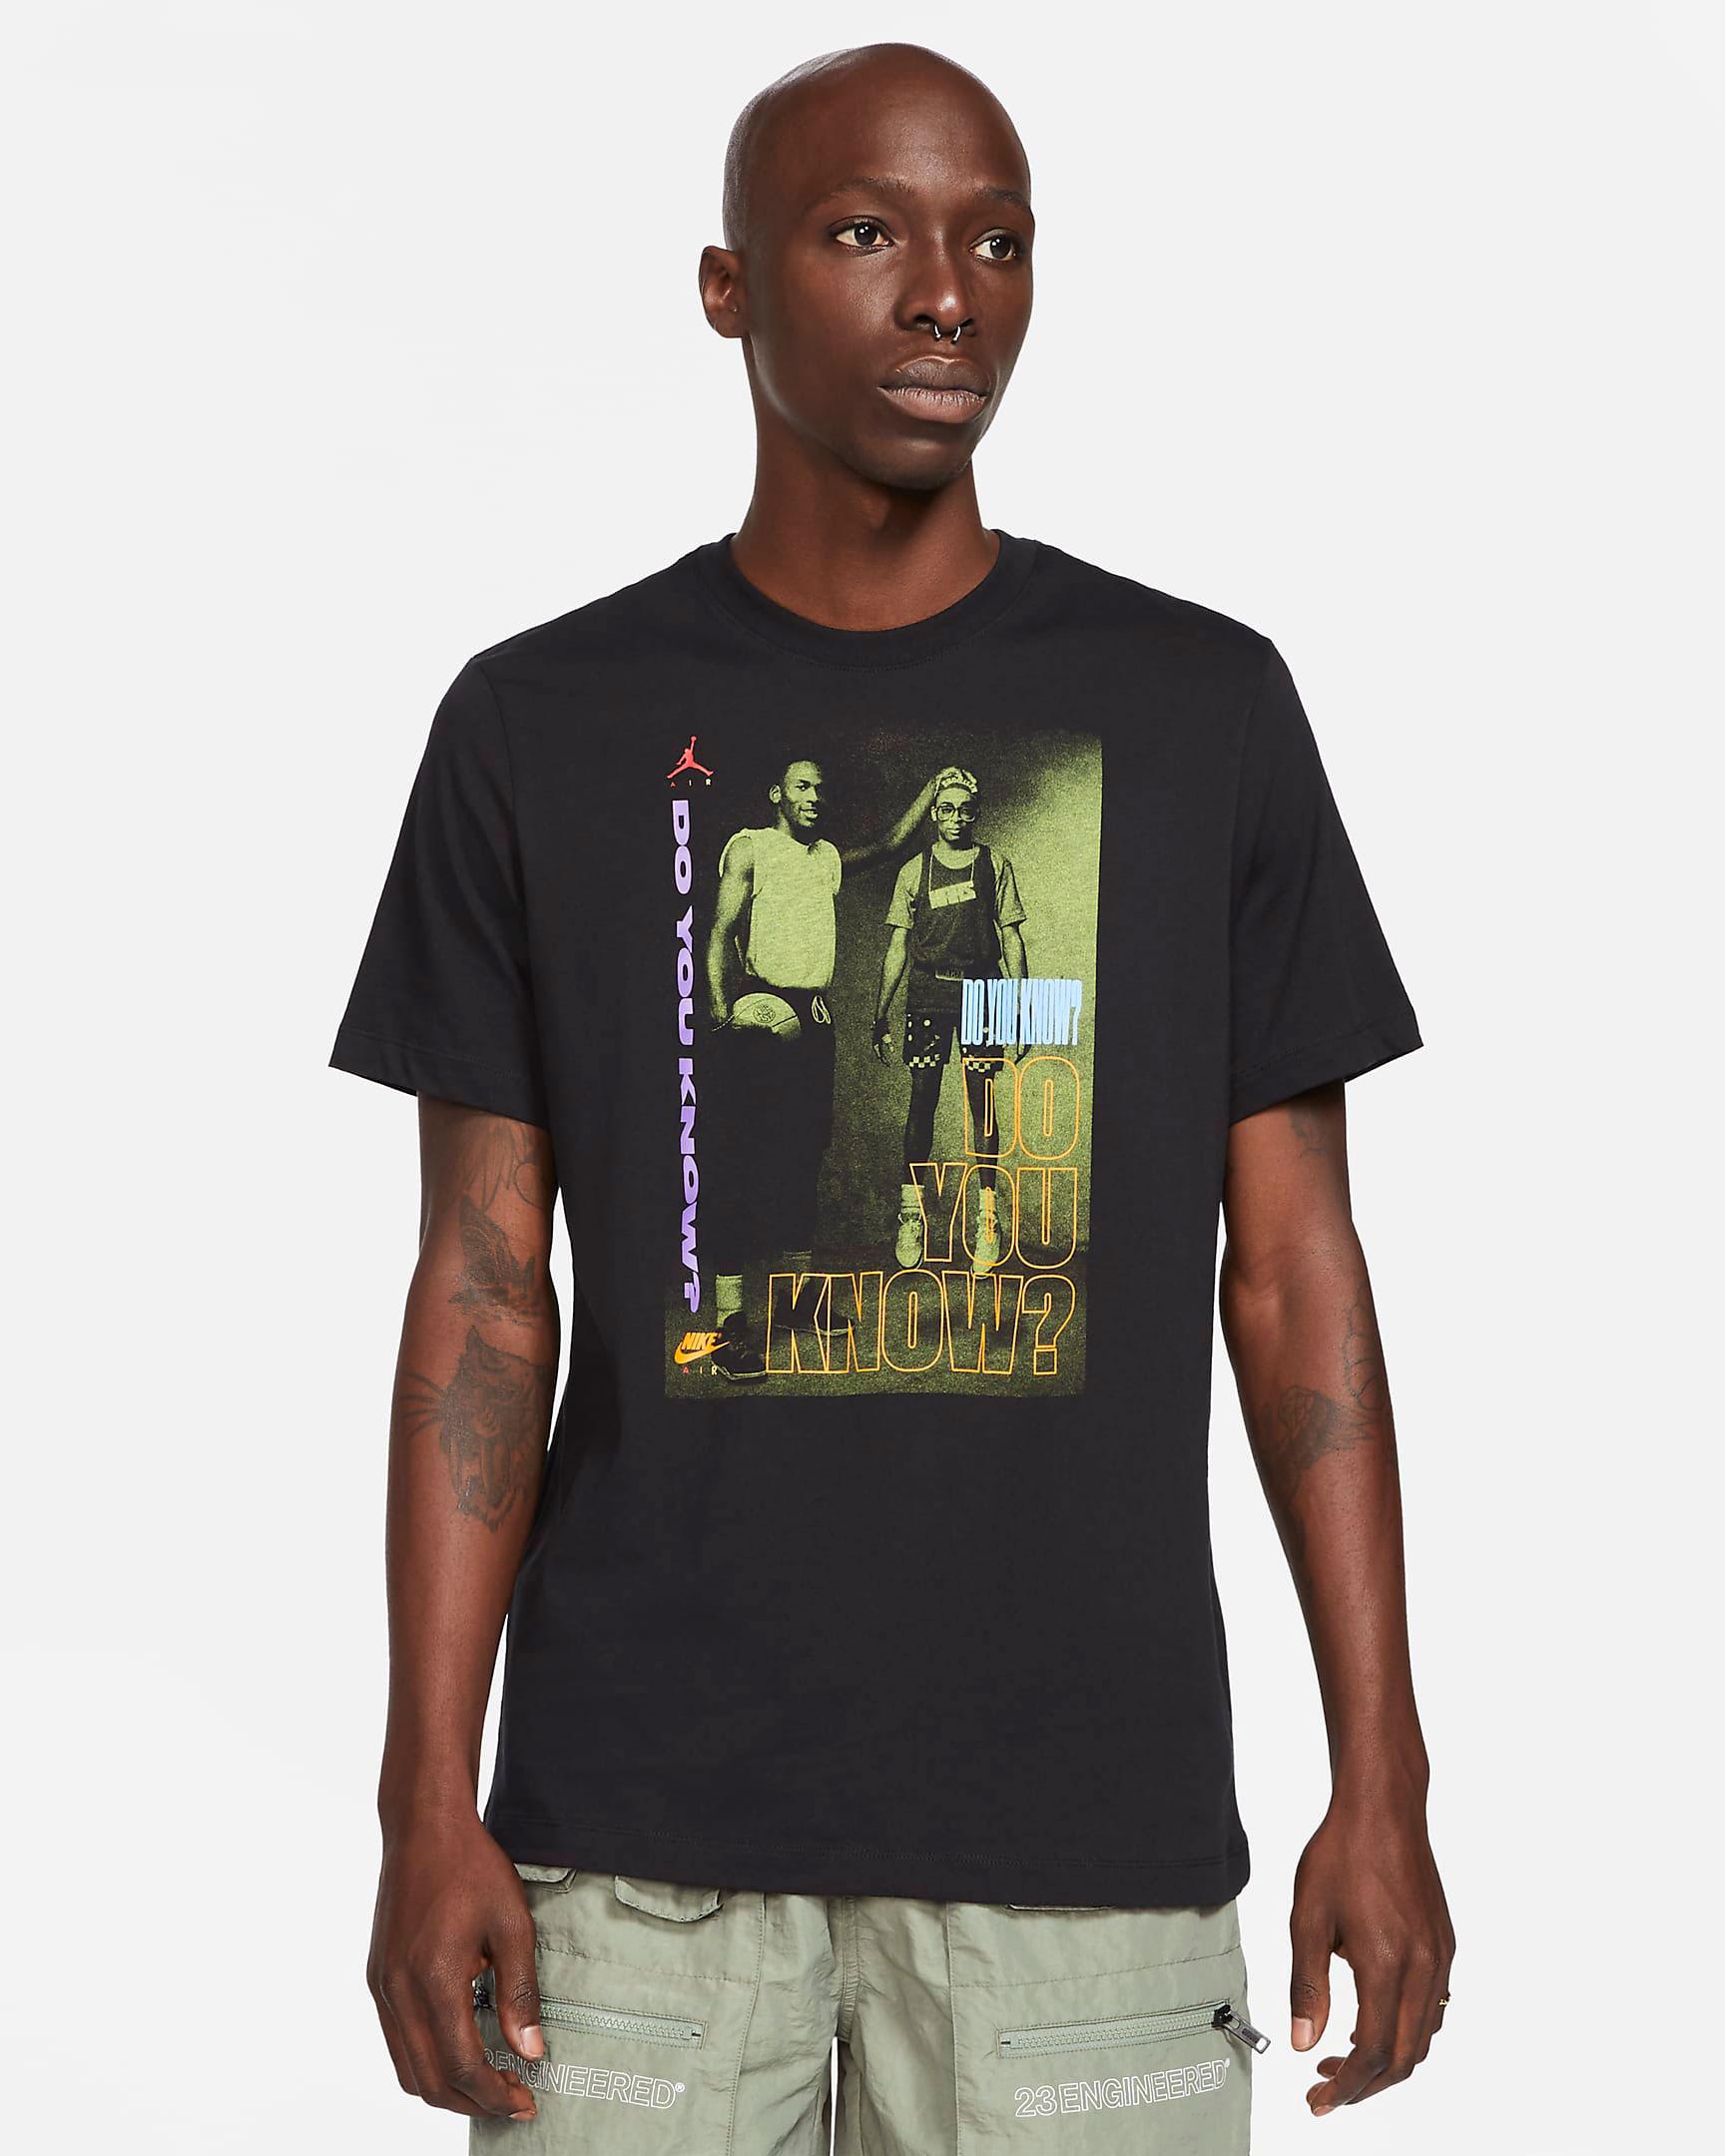 air-jordan-3-retro-2021-shirt